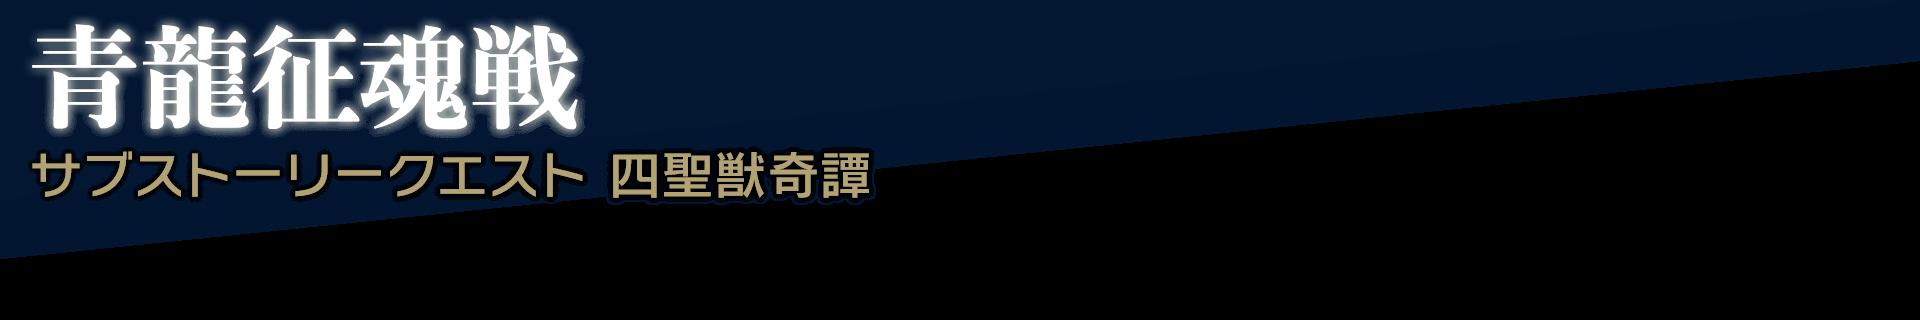 青龍征魂戦 サブストーリークエスト 四聖獣奇譚